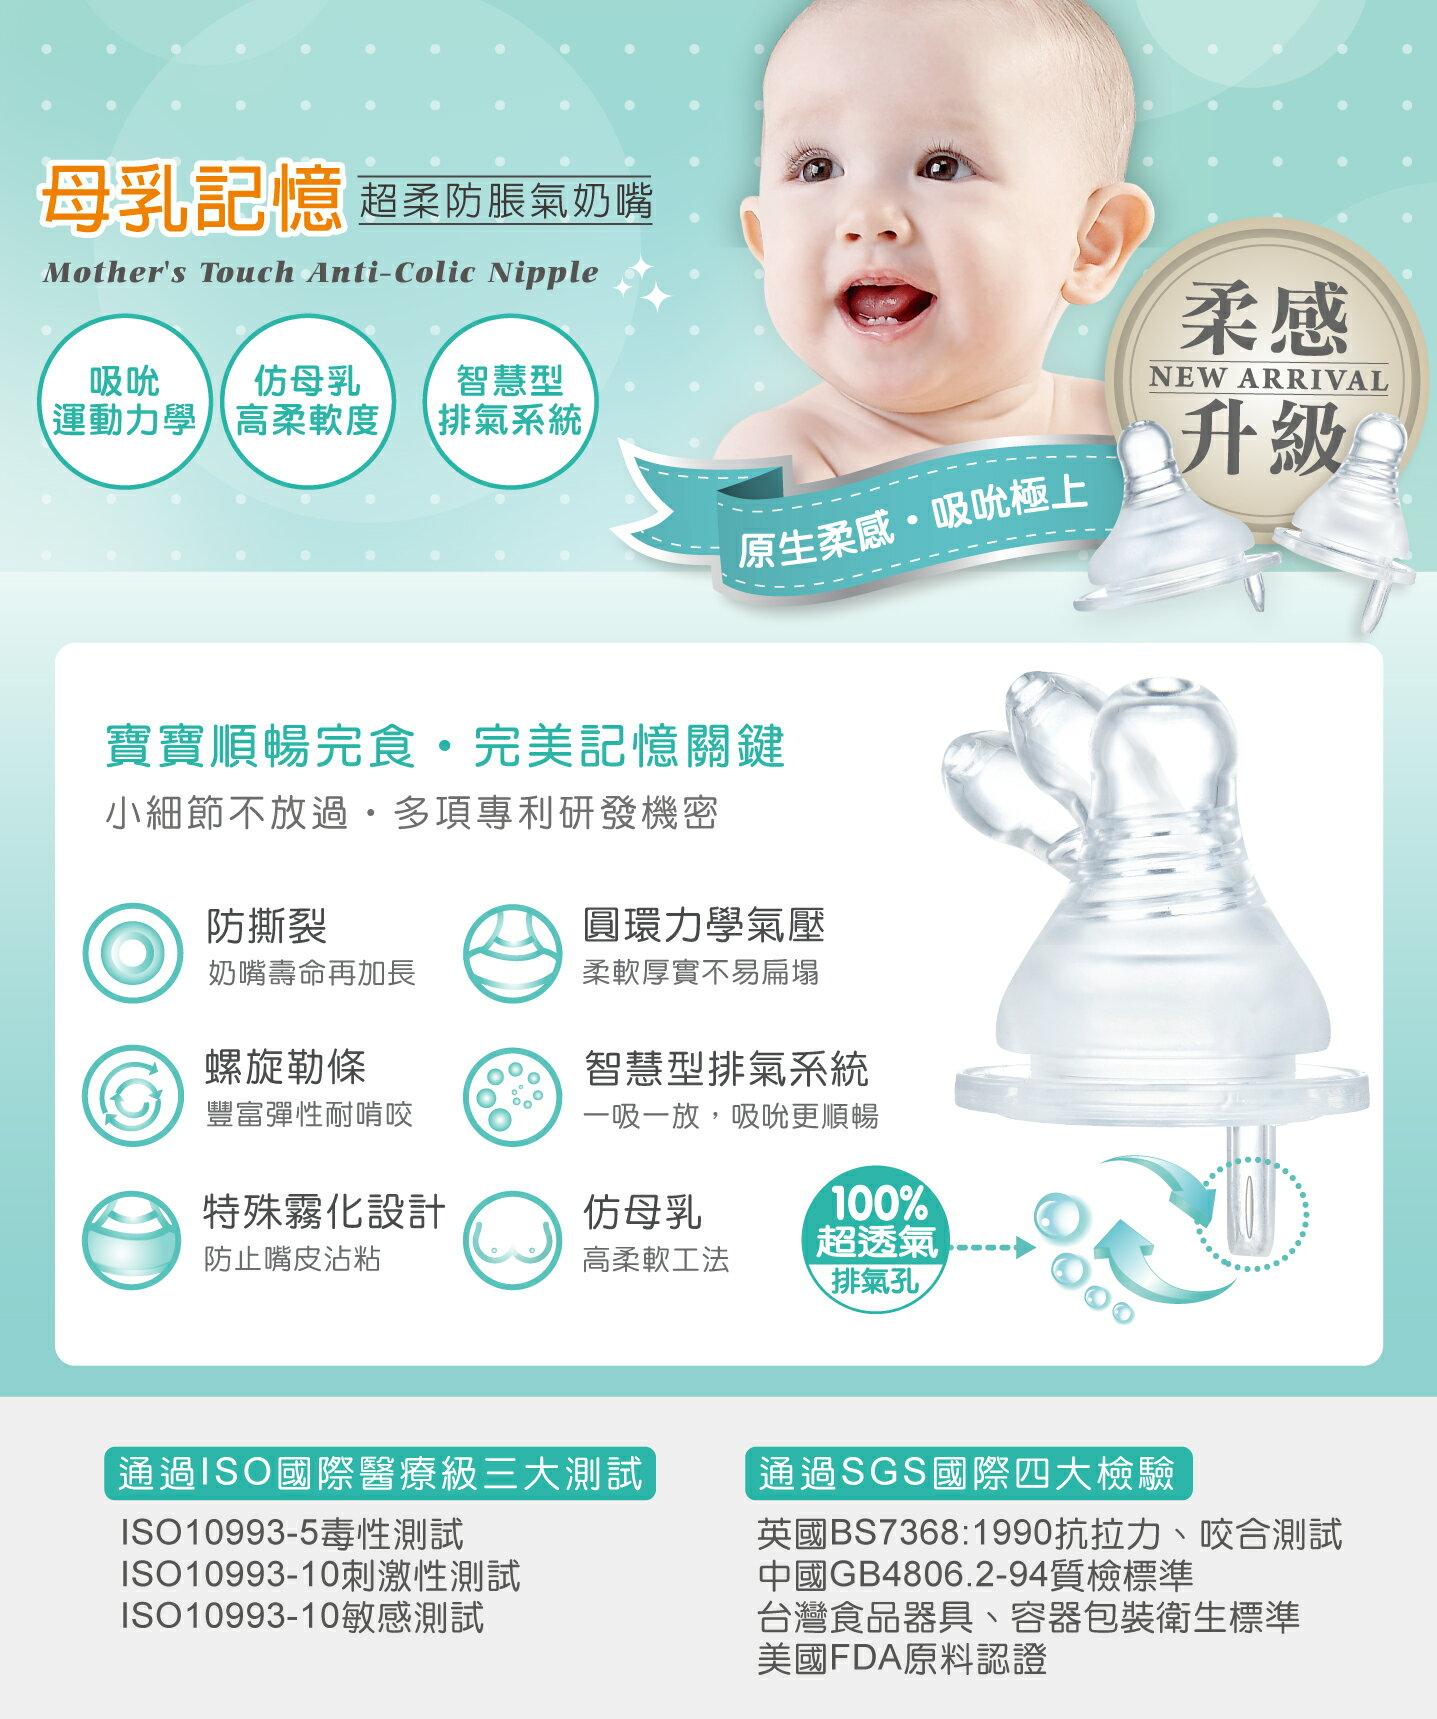 『121婦嬰用品館』辛巴 標準準母乳記憶防脹氣圓孔奶嘴 M - 4入 1